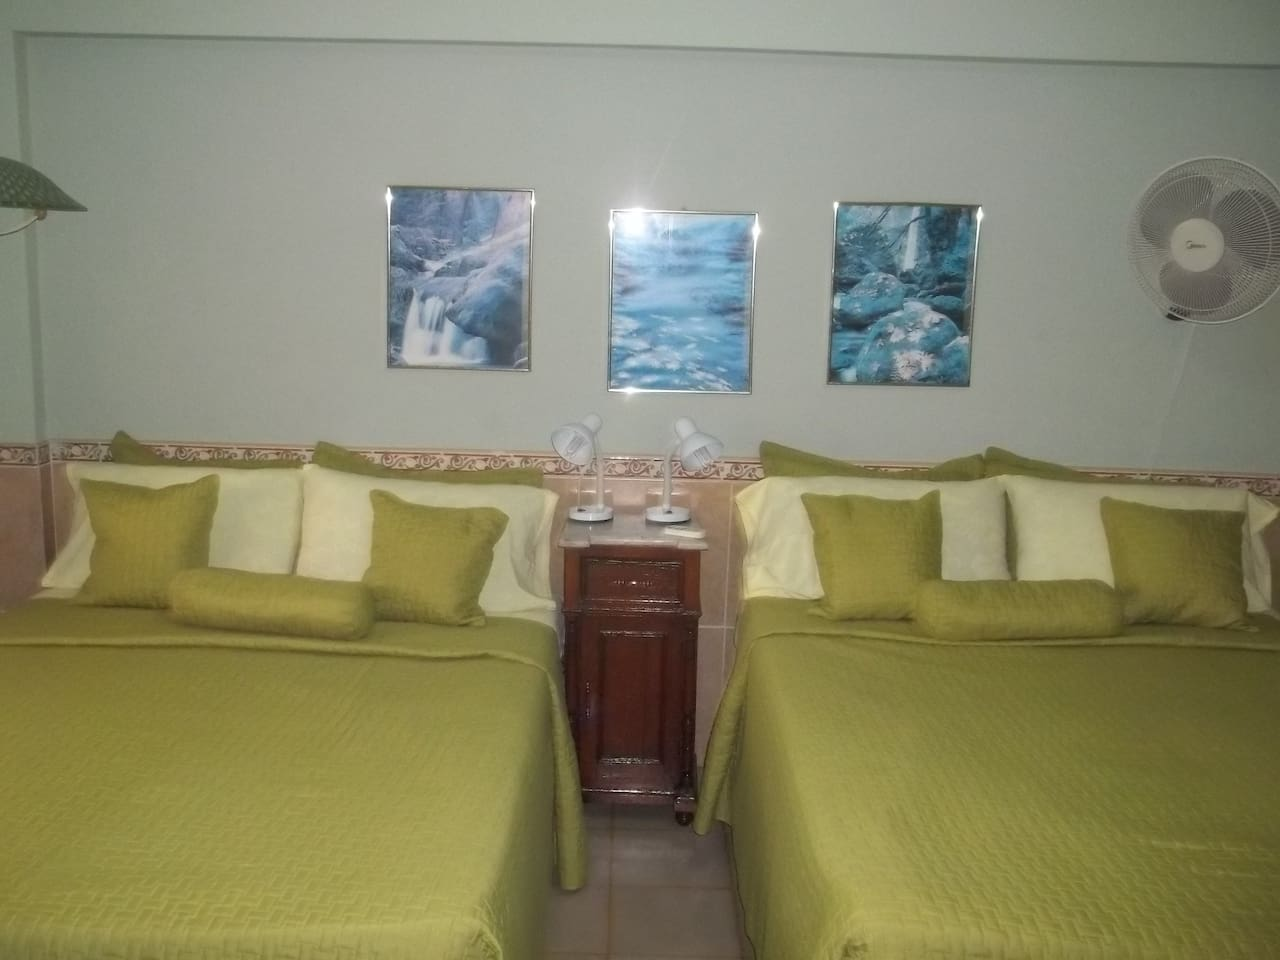 Habitación con 2 camas camera y baño privado además de áreas comunes a compartir sala comedor cocina terraza....